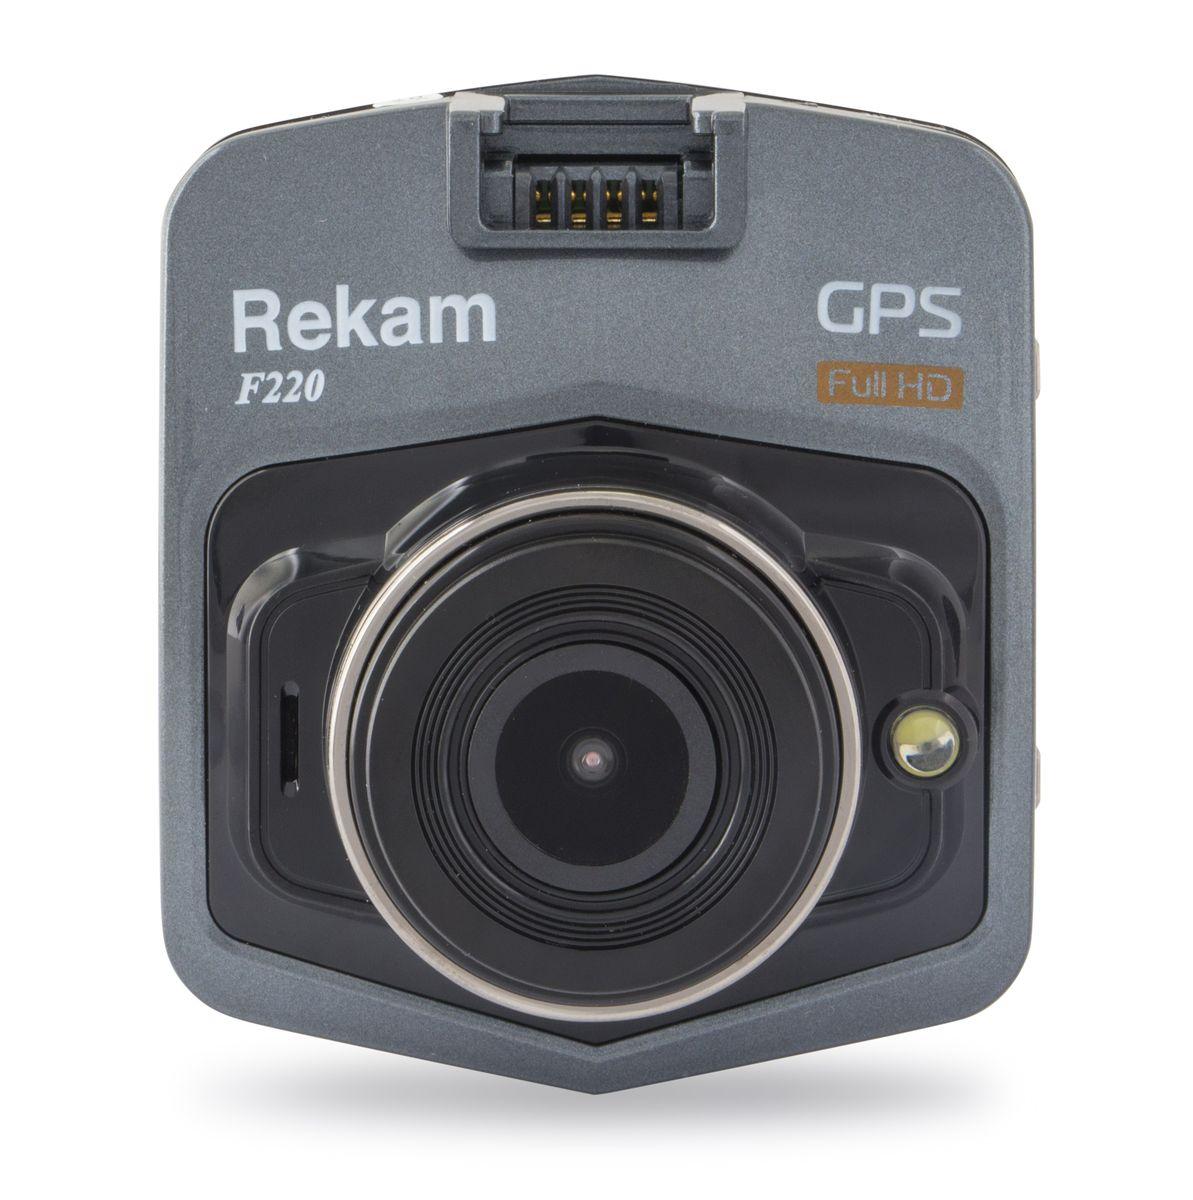 Rekam F220, Black автомобильный видеорегистратор2603000003Rekam F220 является высокопроизводительным автомобильным видеорегистратором, способным вести запись дорожных событий в формате Full HD (1920x1080). Камера имеет 2-мегапиксельный CMOS-сенсор, объектив с четырёхслойными линзами (4G) и угол обзора 140°. Rekam F220 оснащен GPS-приёмником, интегрированным в автомобильный держатель. Способен записывать и отображать на 2.4 – дюймовом ЖК-дисплее информацию о скорости и координатах, а также дату и время. Предусмотрена возможность сделать не просто отдельное фото, но и серию снимков с разрешением до 5 Мп. Видеорегистратор оборудован 3-х осевым датчиком ускорения и датчиком движения. В корпус встроены: динамик, микрофон и Li-polimer аккумулятор, ёмкостью 140 мАч.